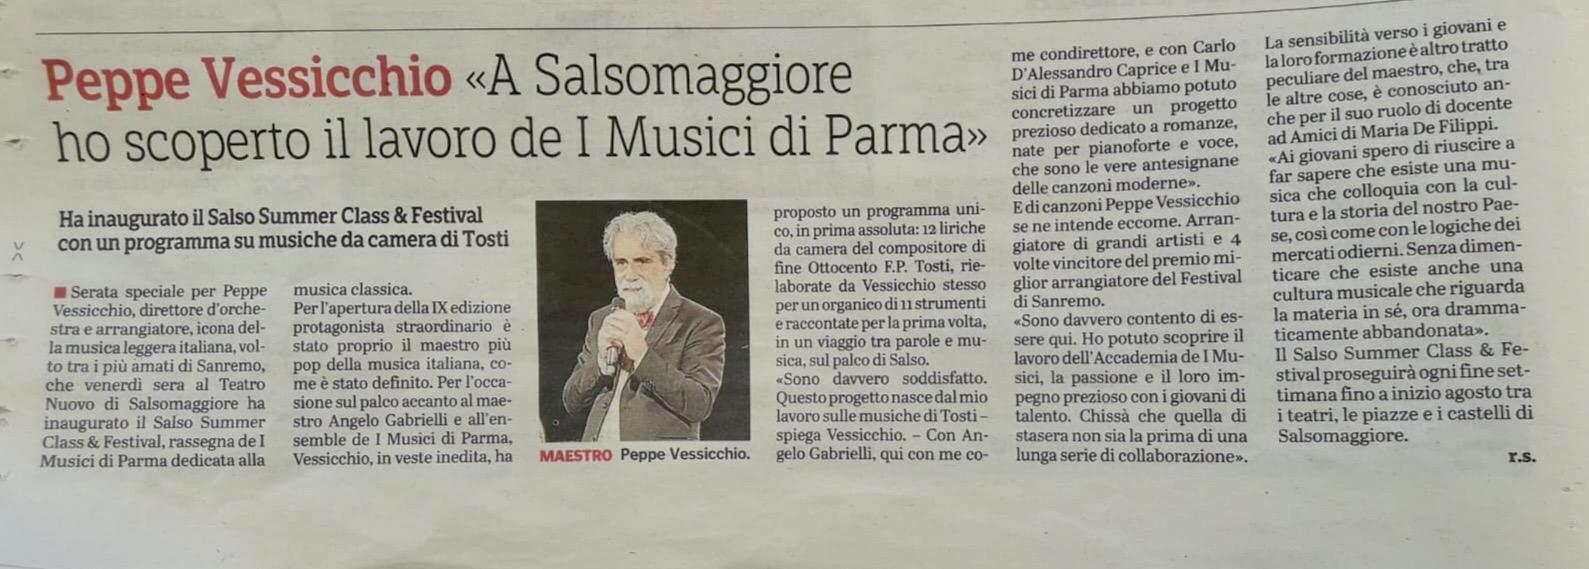 Peppe Vessicchio «A Salsomaggiore ho scoperto il lavoro de I Musici di Parma»